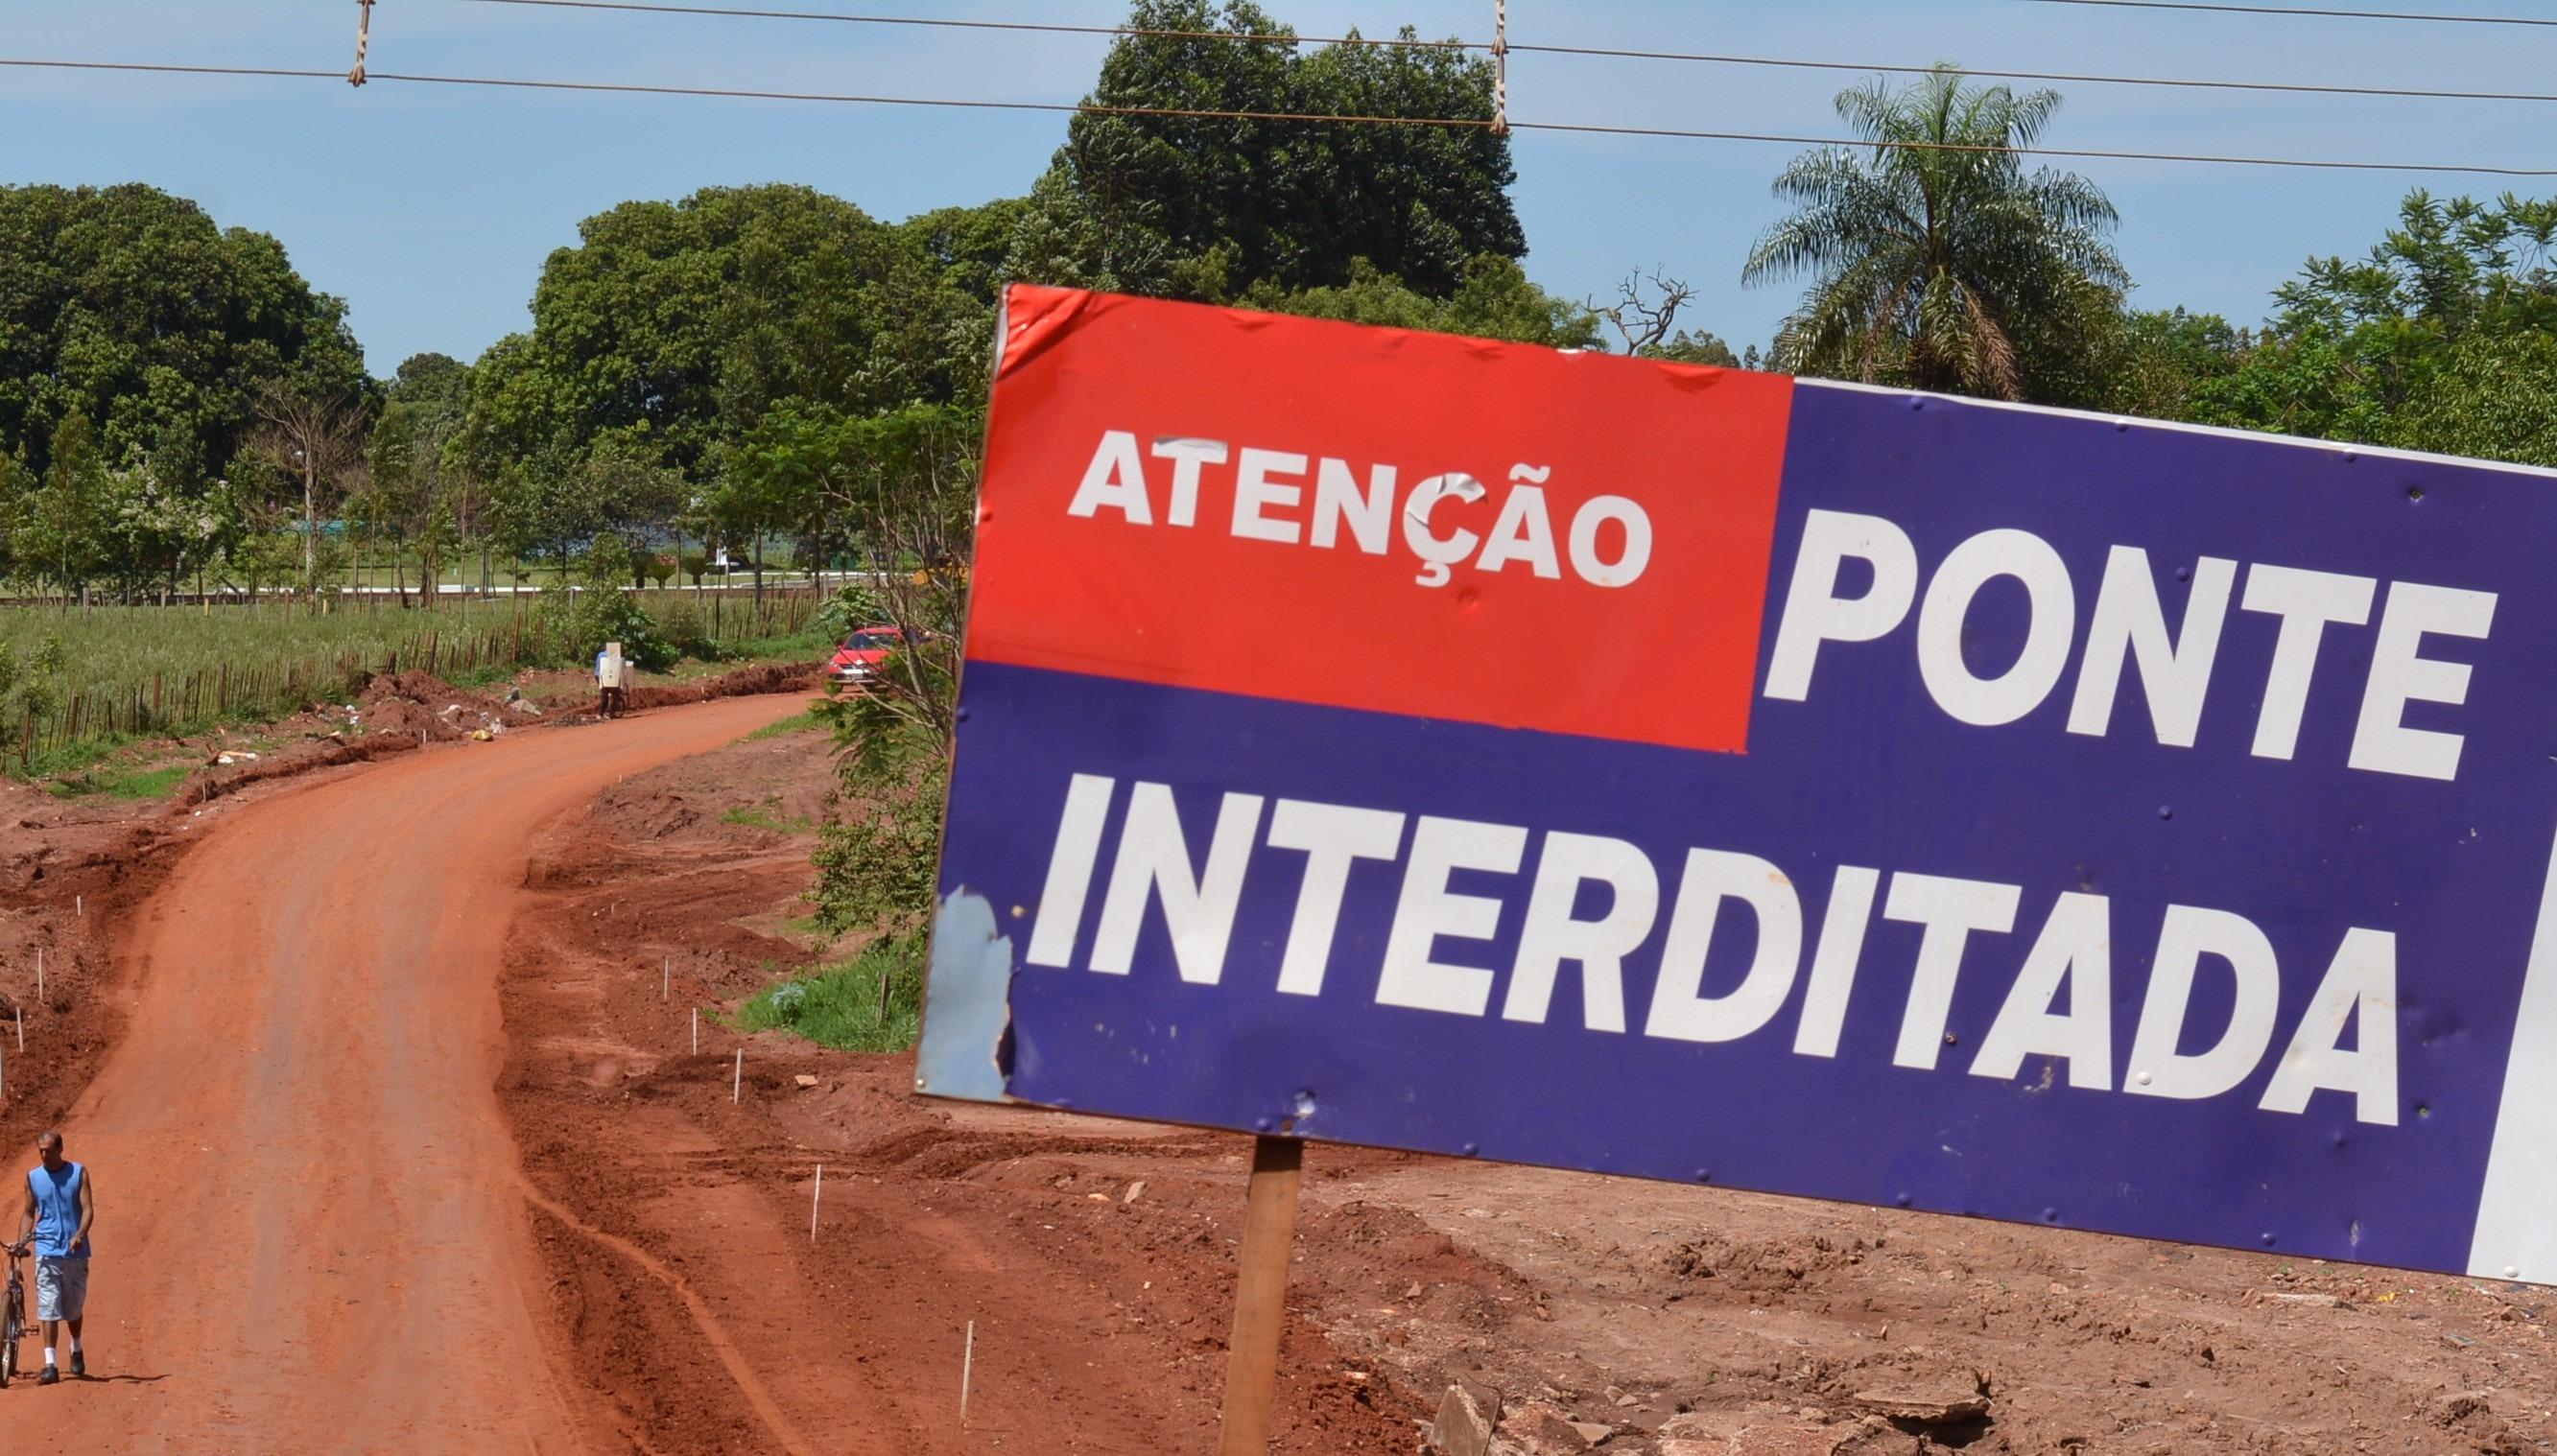 Ponta Porã: Ponte na São Vicente de Paula será  interditada para conclusão da obra